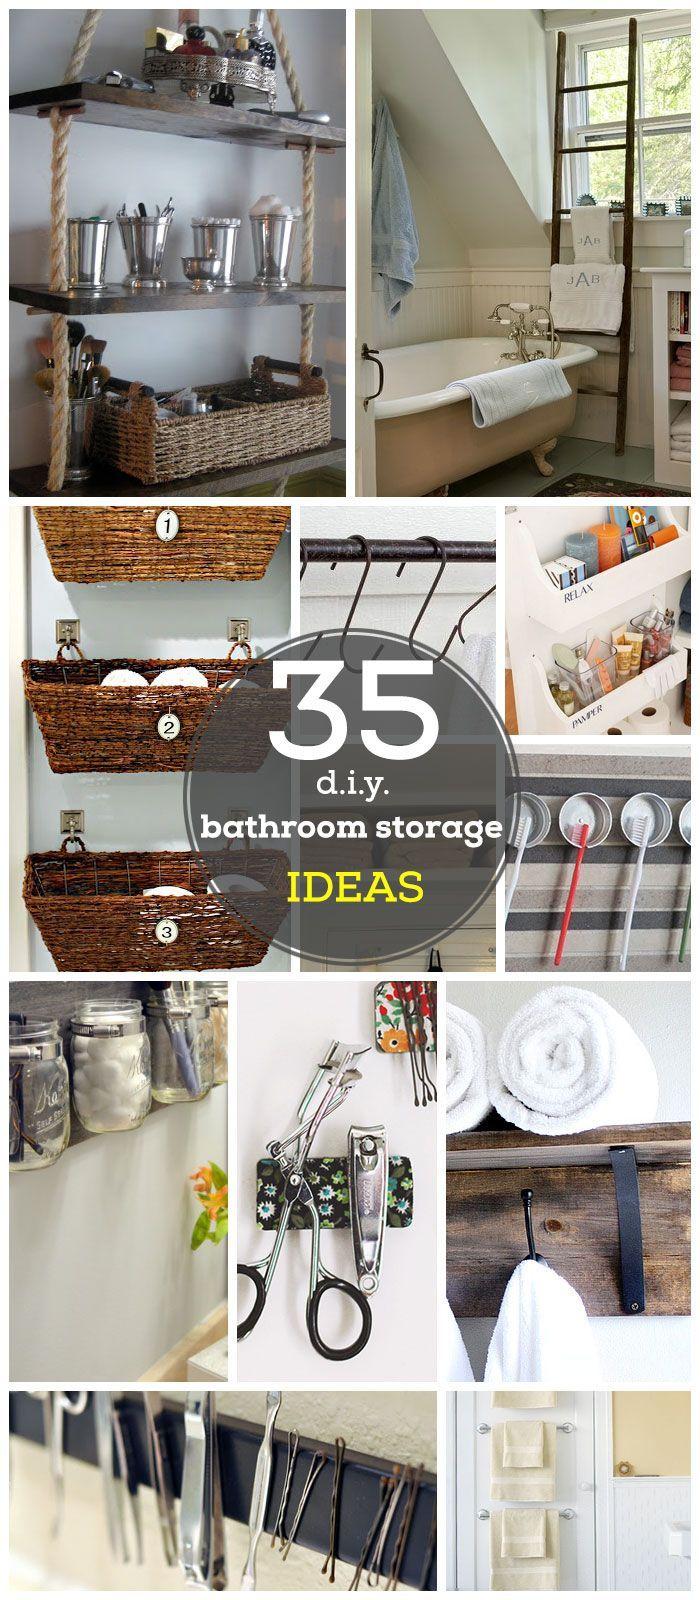 Diy small bathroom storage ideas - Diy Small Bathroom Storage Ideas